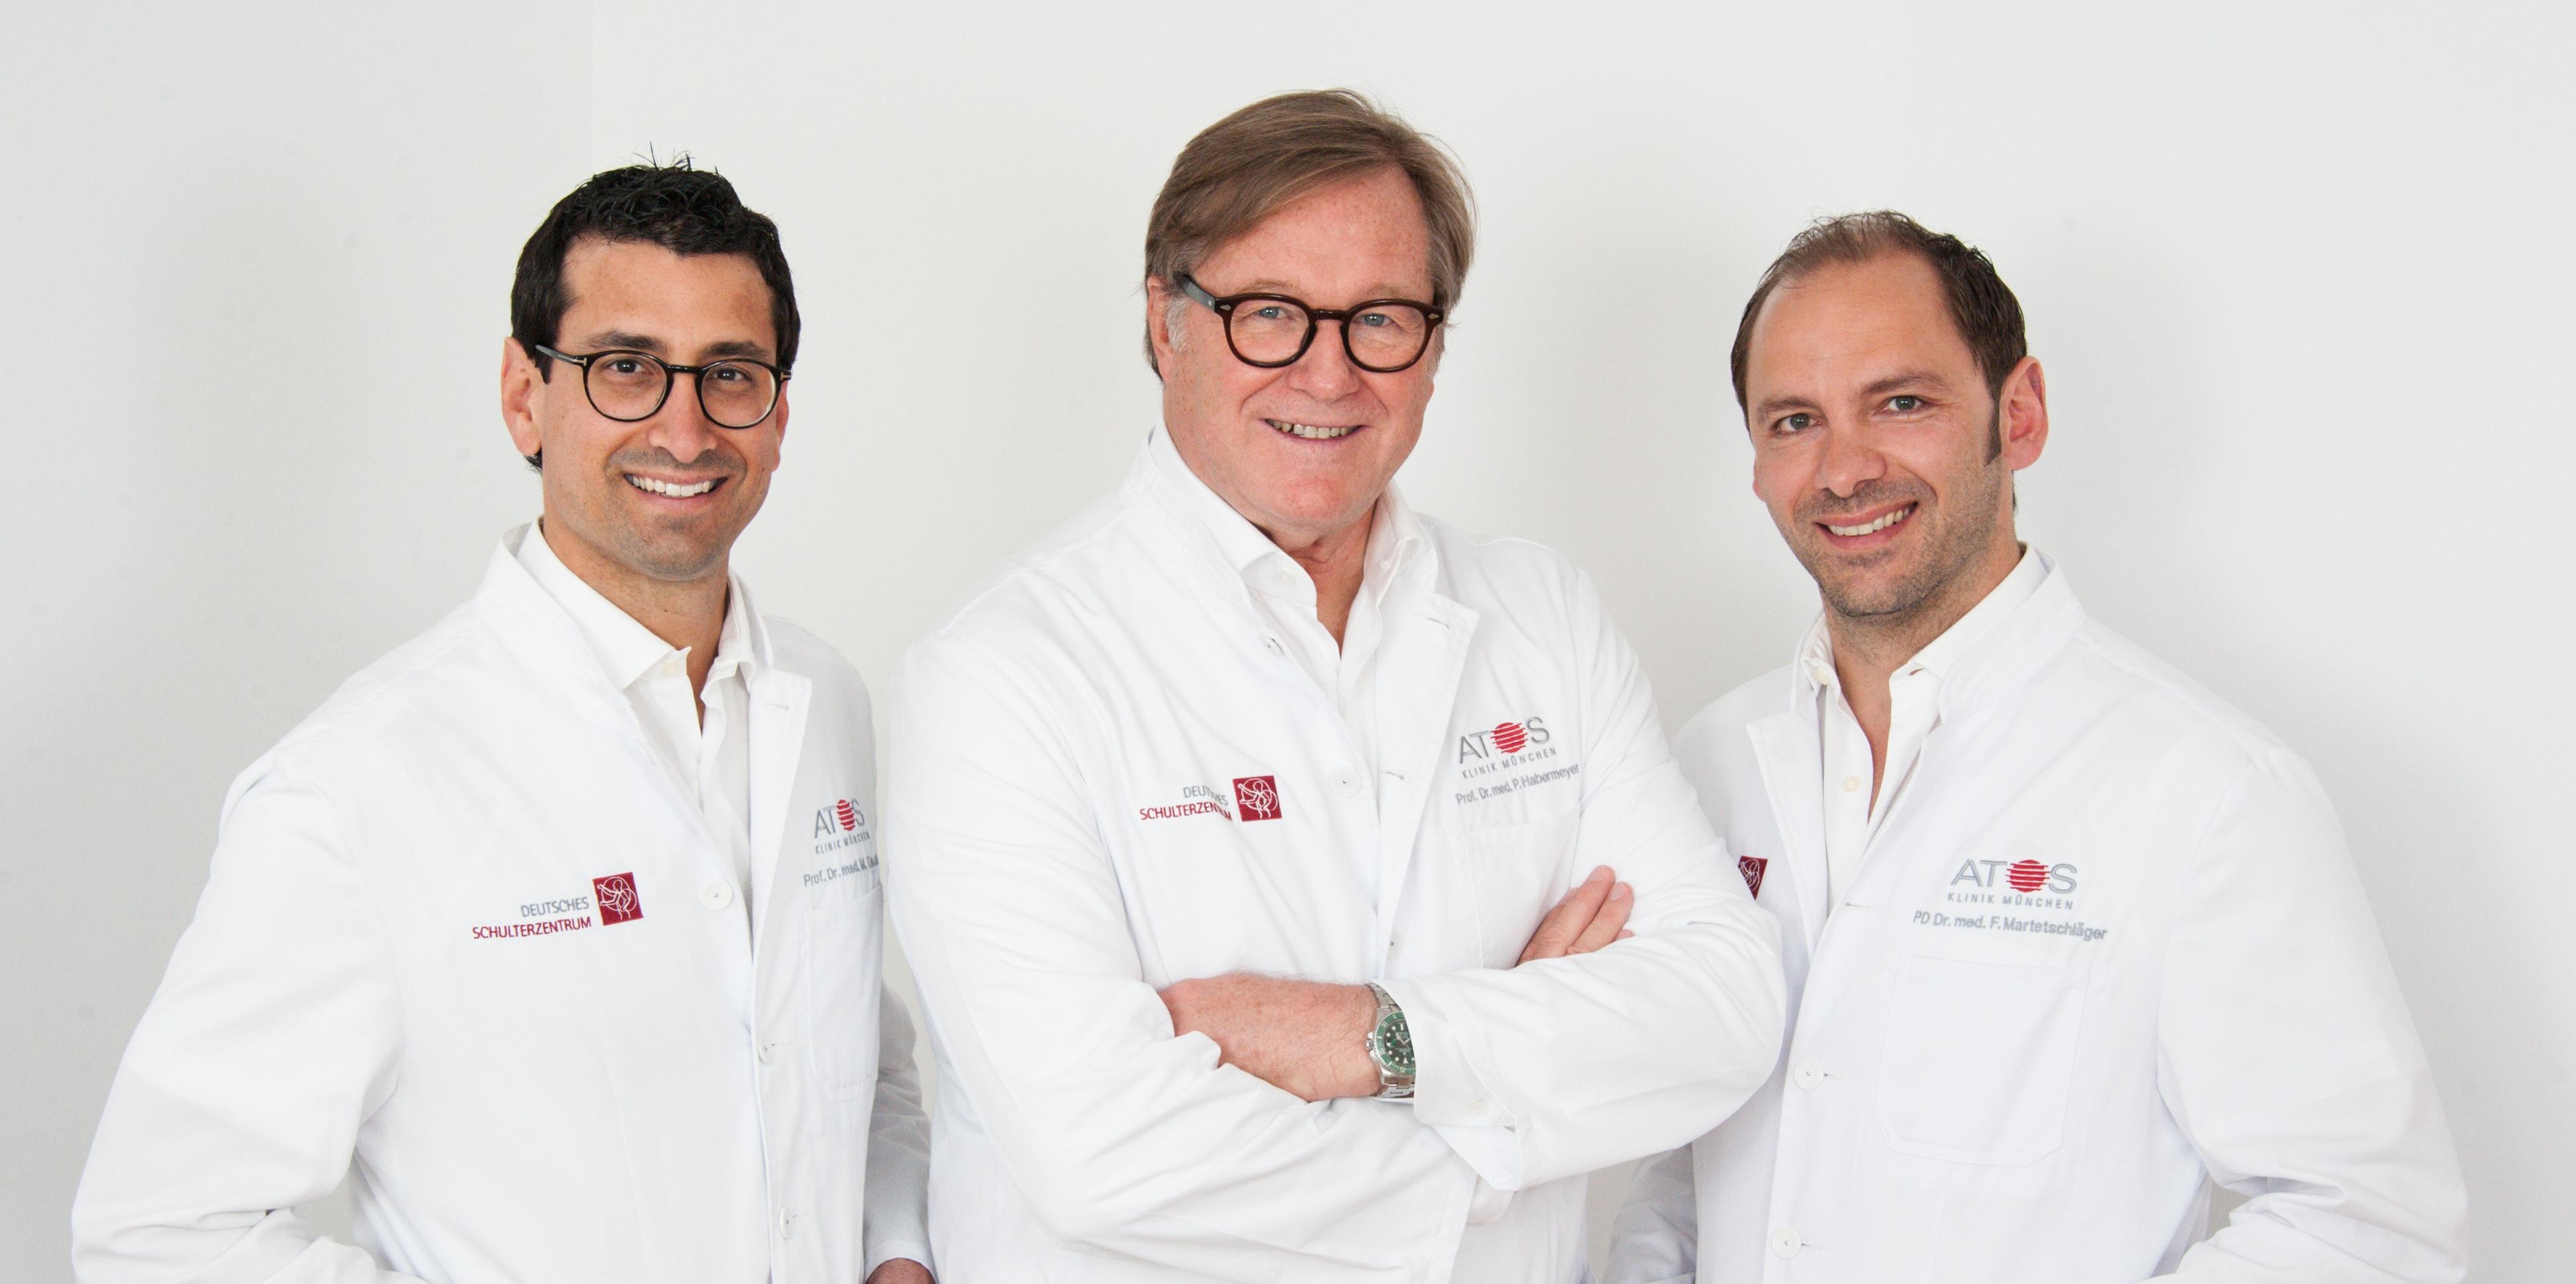 Prof. Dr. med. Tauber, Prof. Dr. med. Habermeyer, PD Dr. med Martetschläger